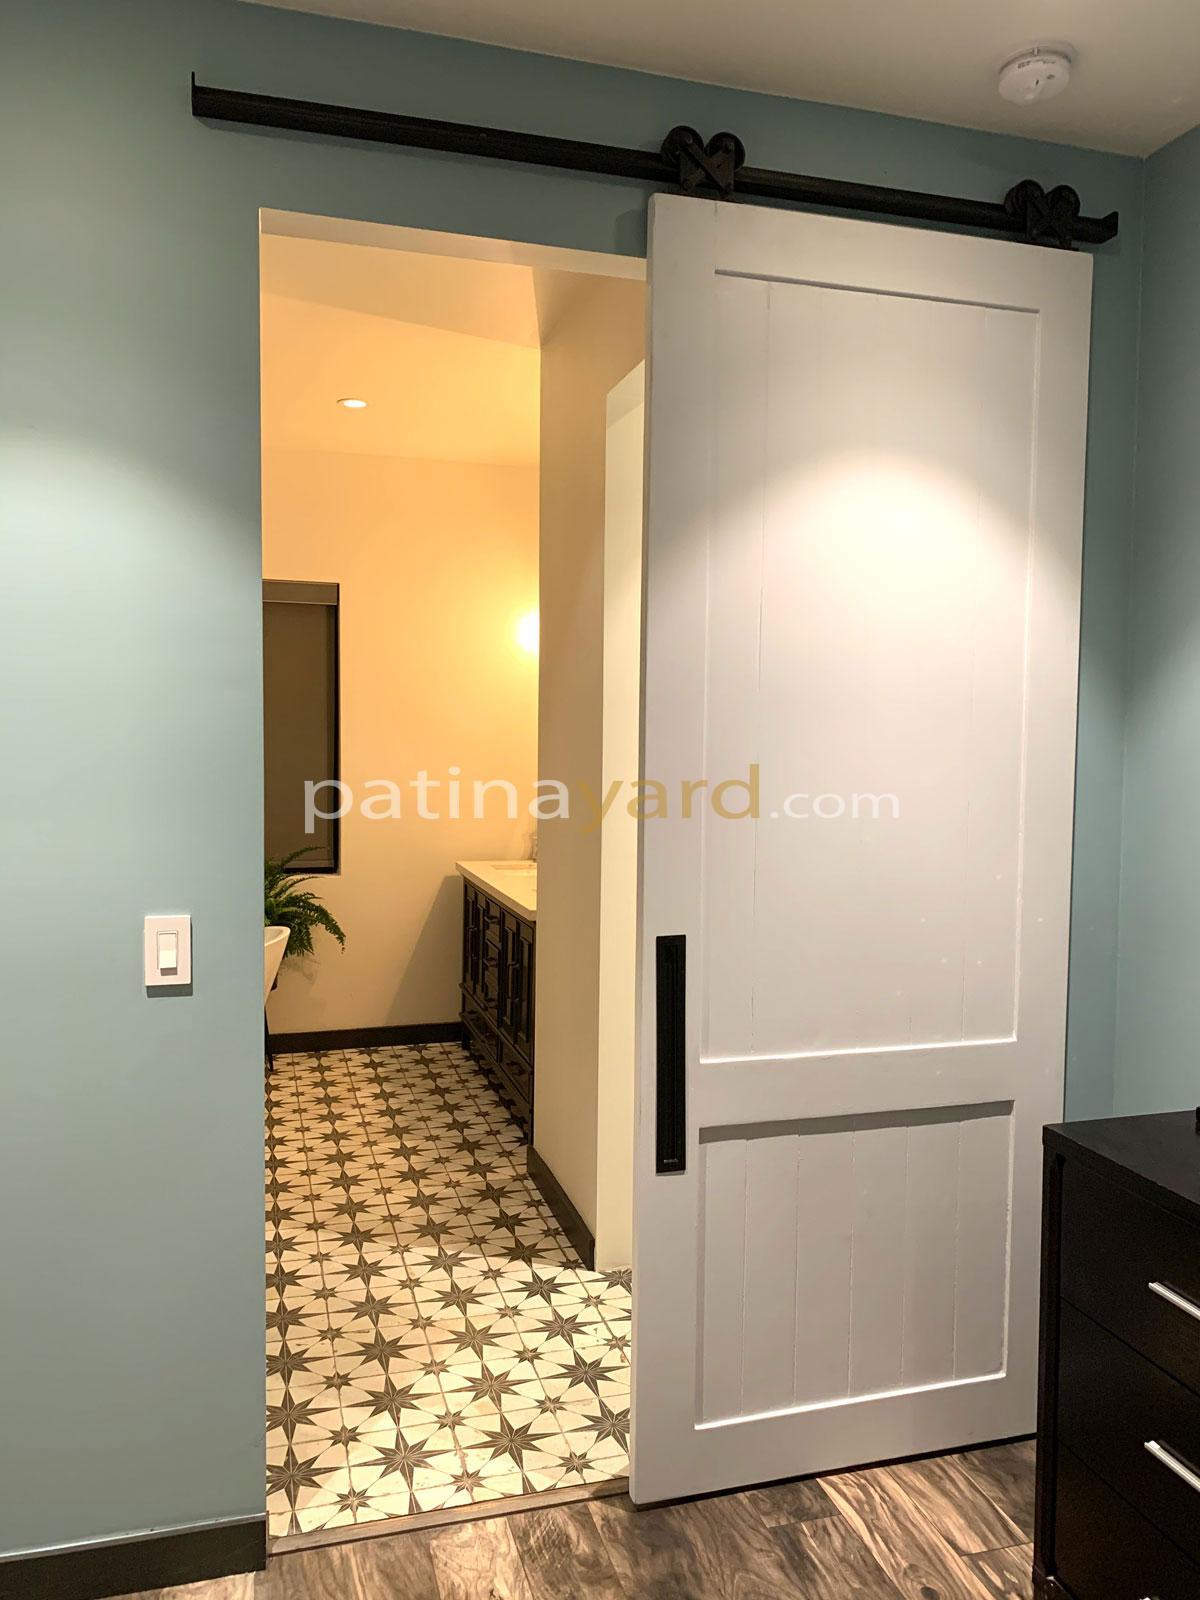 Painted wood shaker barn door